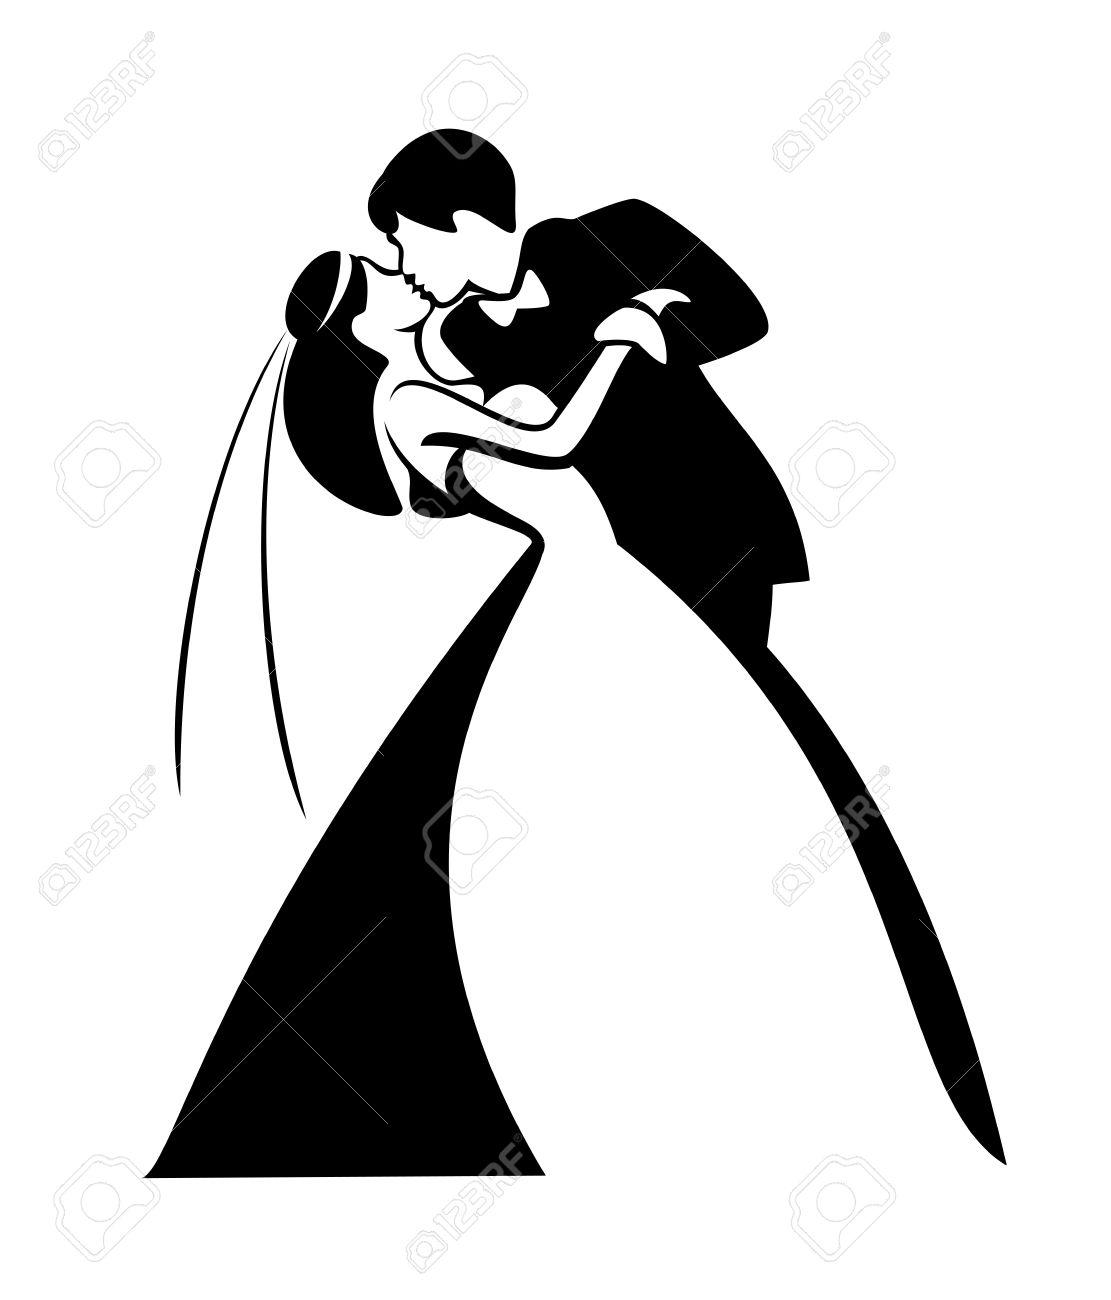 新婚夫婦、カップル、キス ベクトル イラスト ロイヤリティフリー